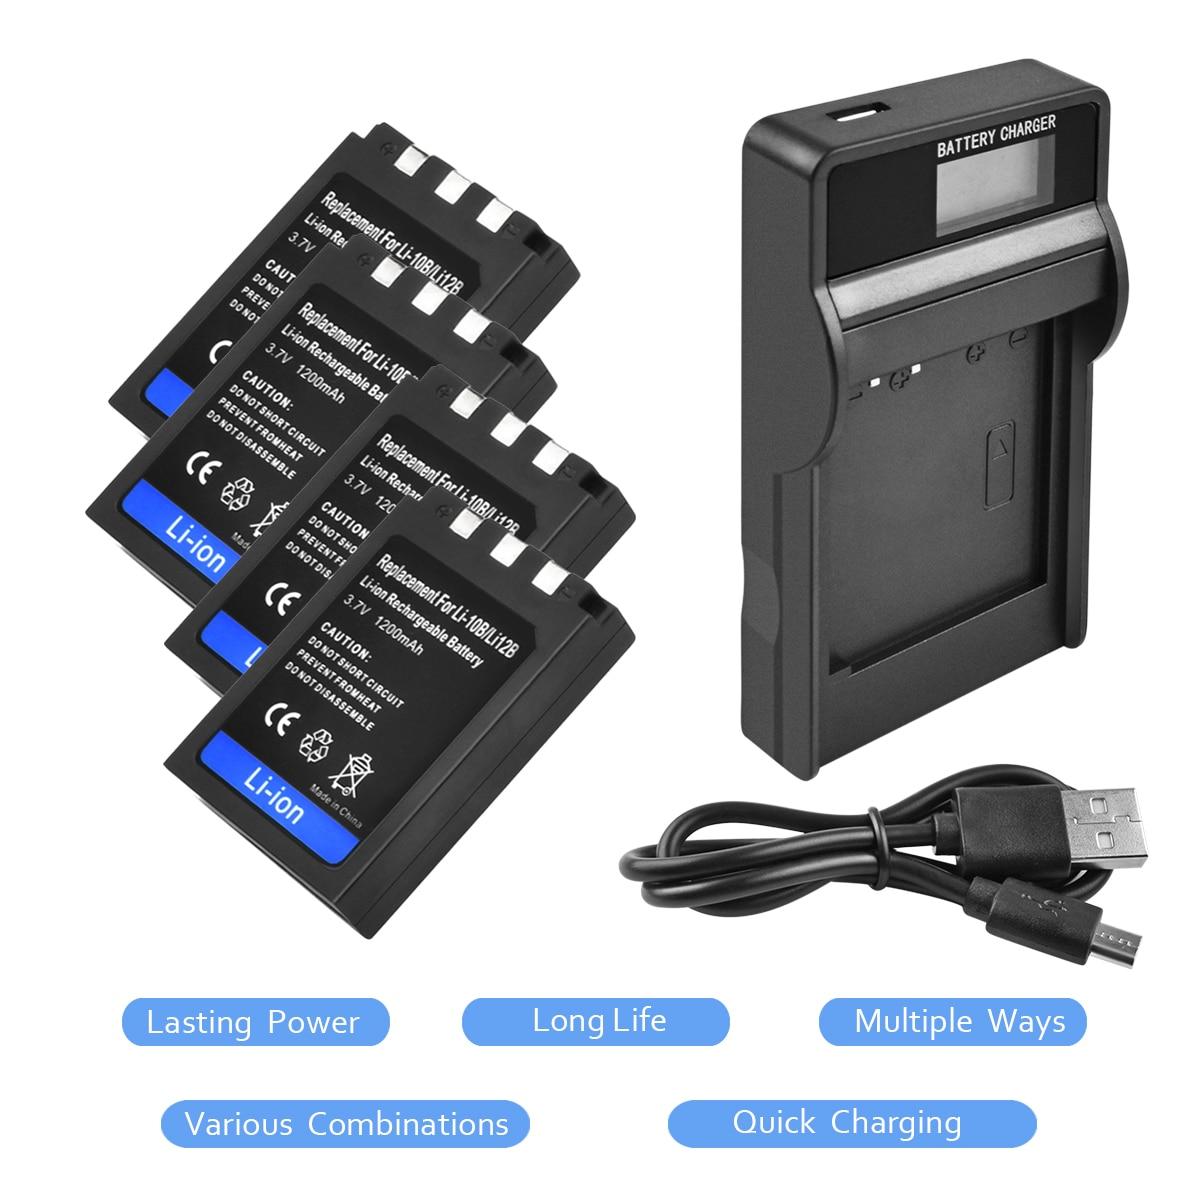 4X Li-10B Li10B Li 10B Li-12B Li12B Li 12B Batterie + 1 Port Batterie Chargeur LED pour Olympus FE-200 IR-500 x-1 X-2 X-3 C-760 L15